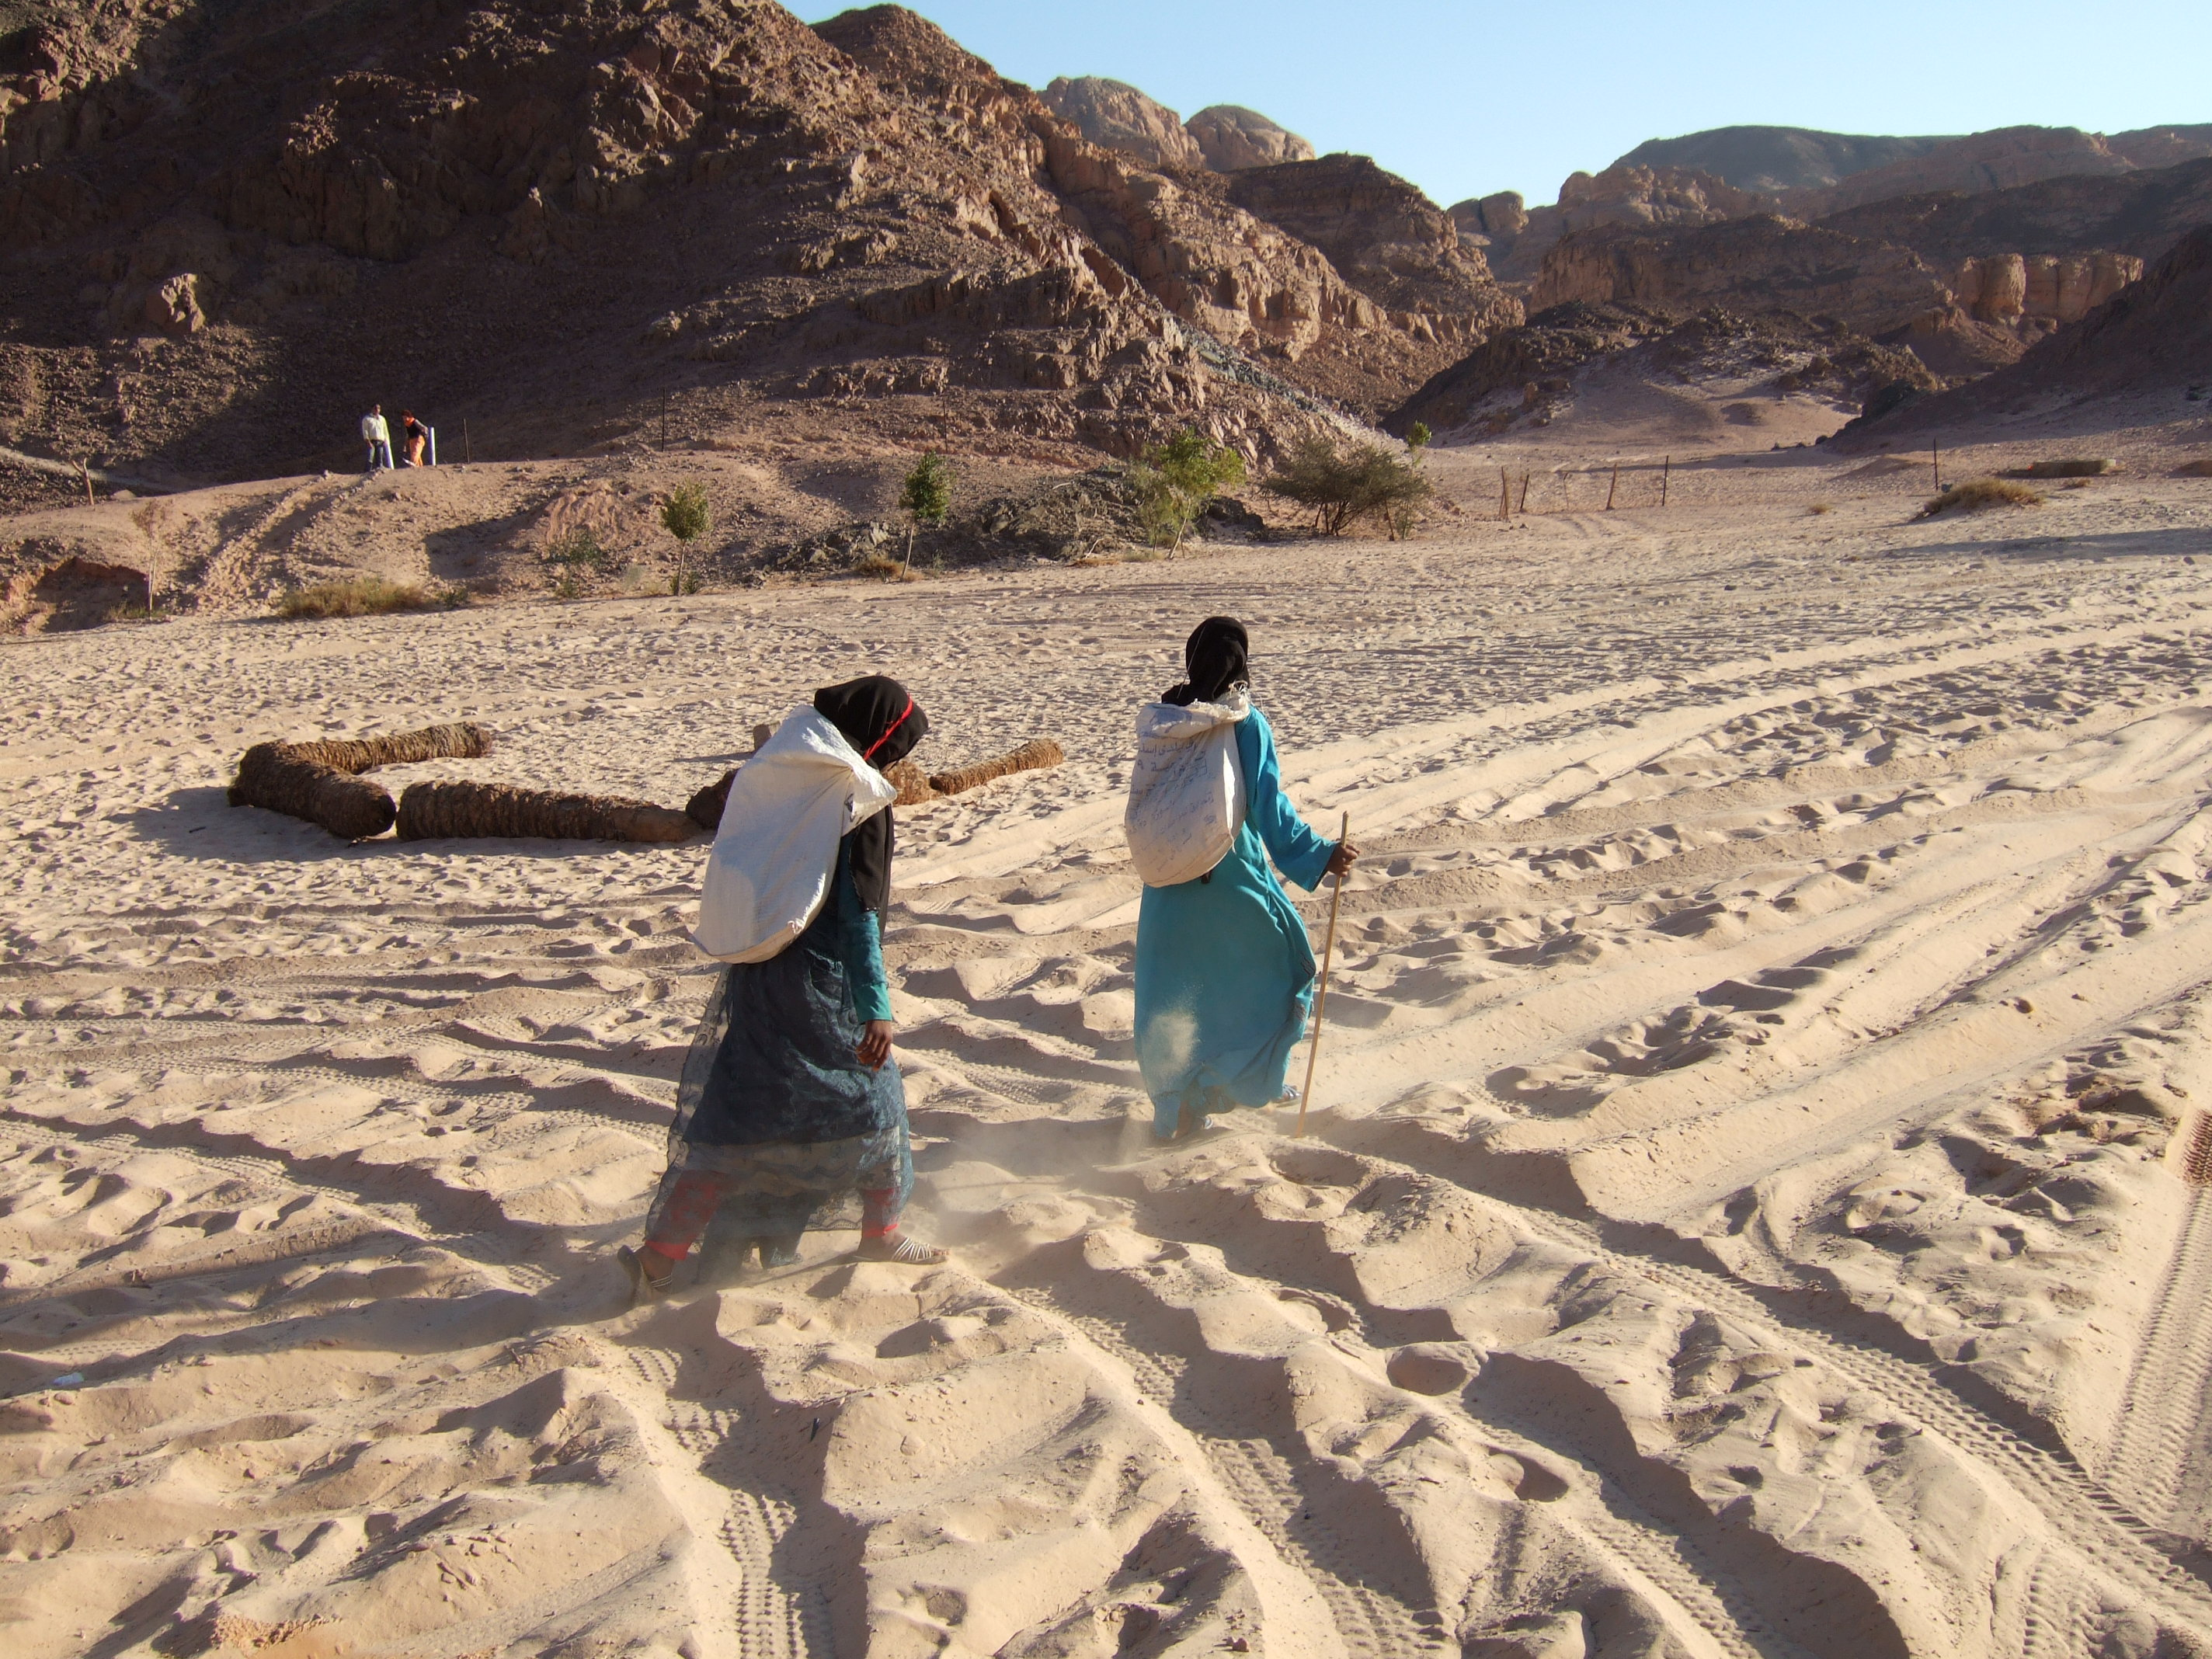 Sinai desert, Egypt 2008.